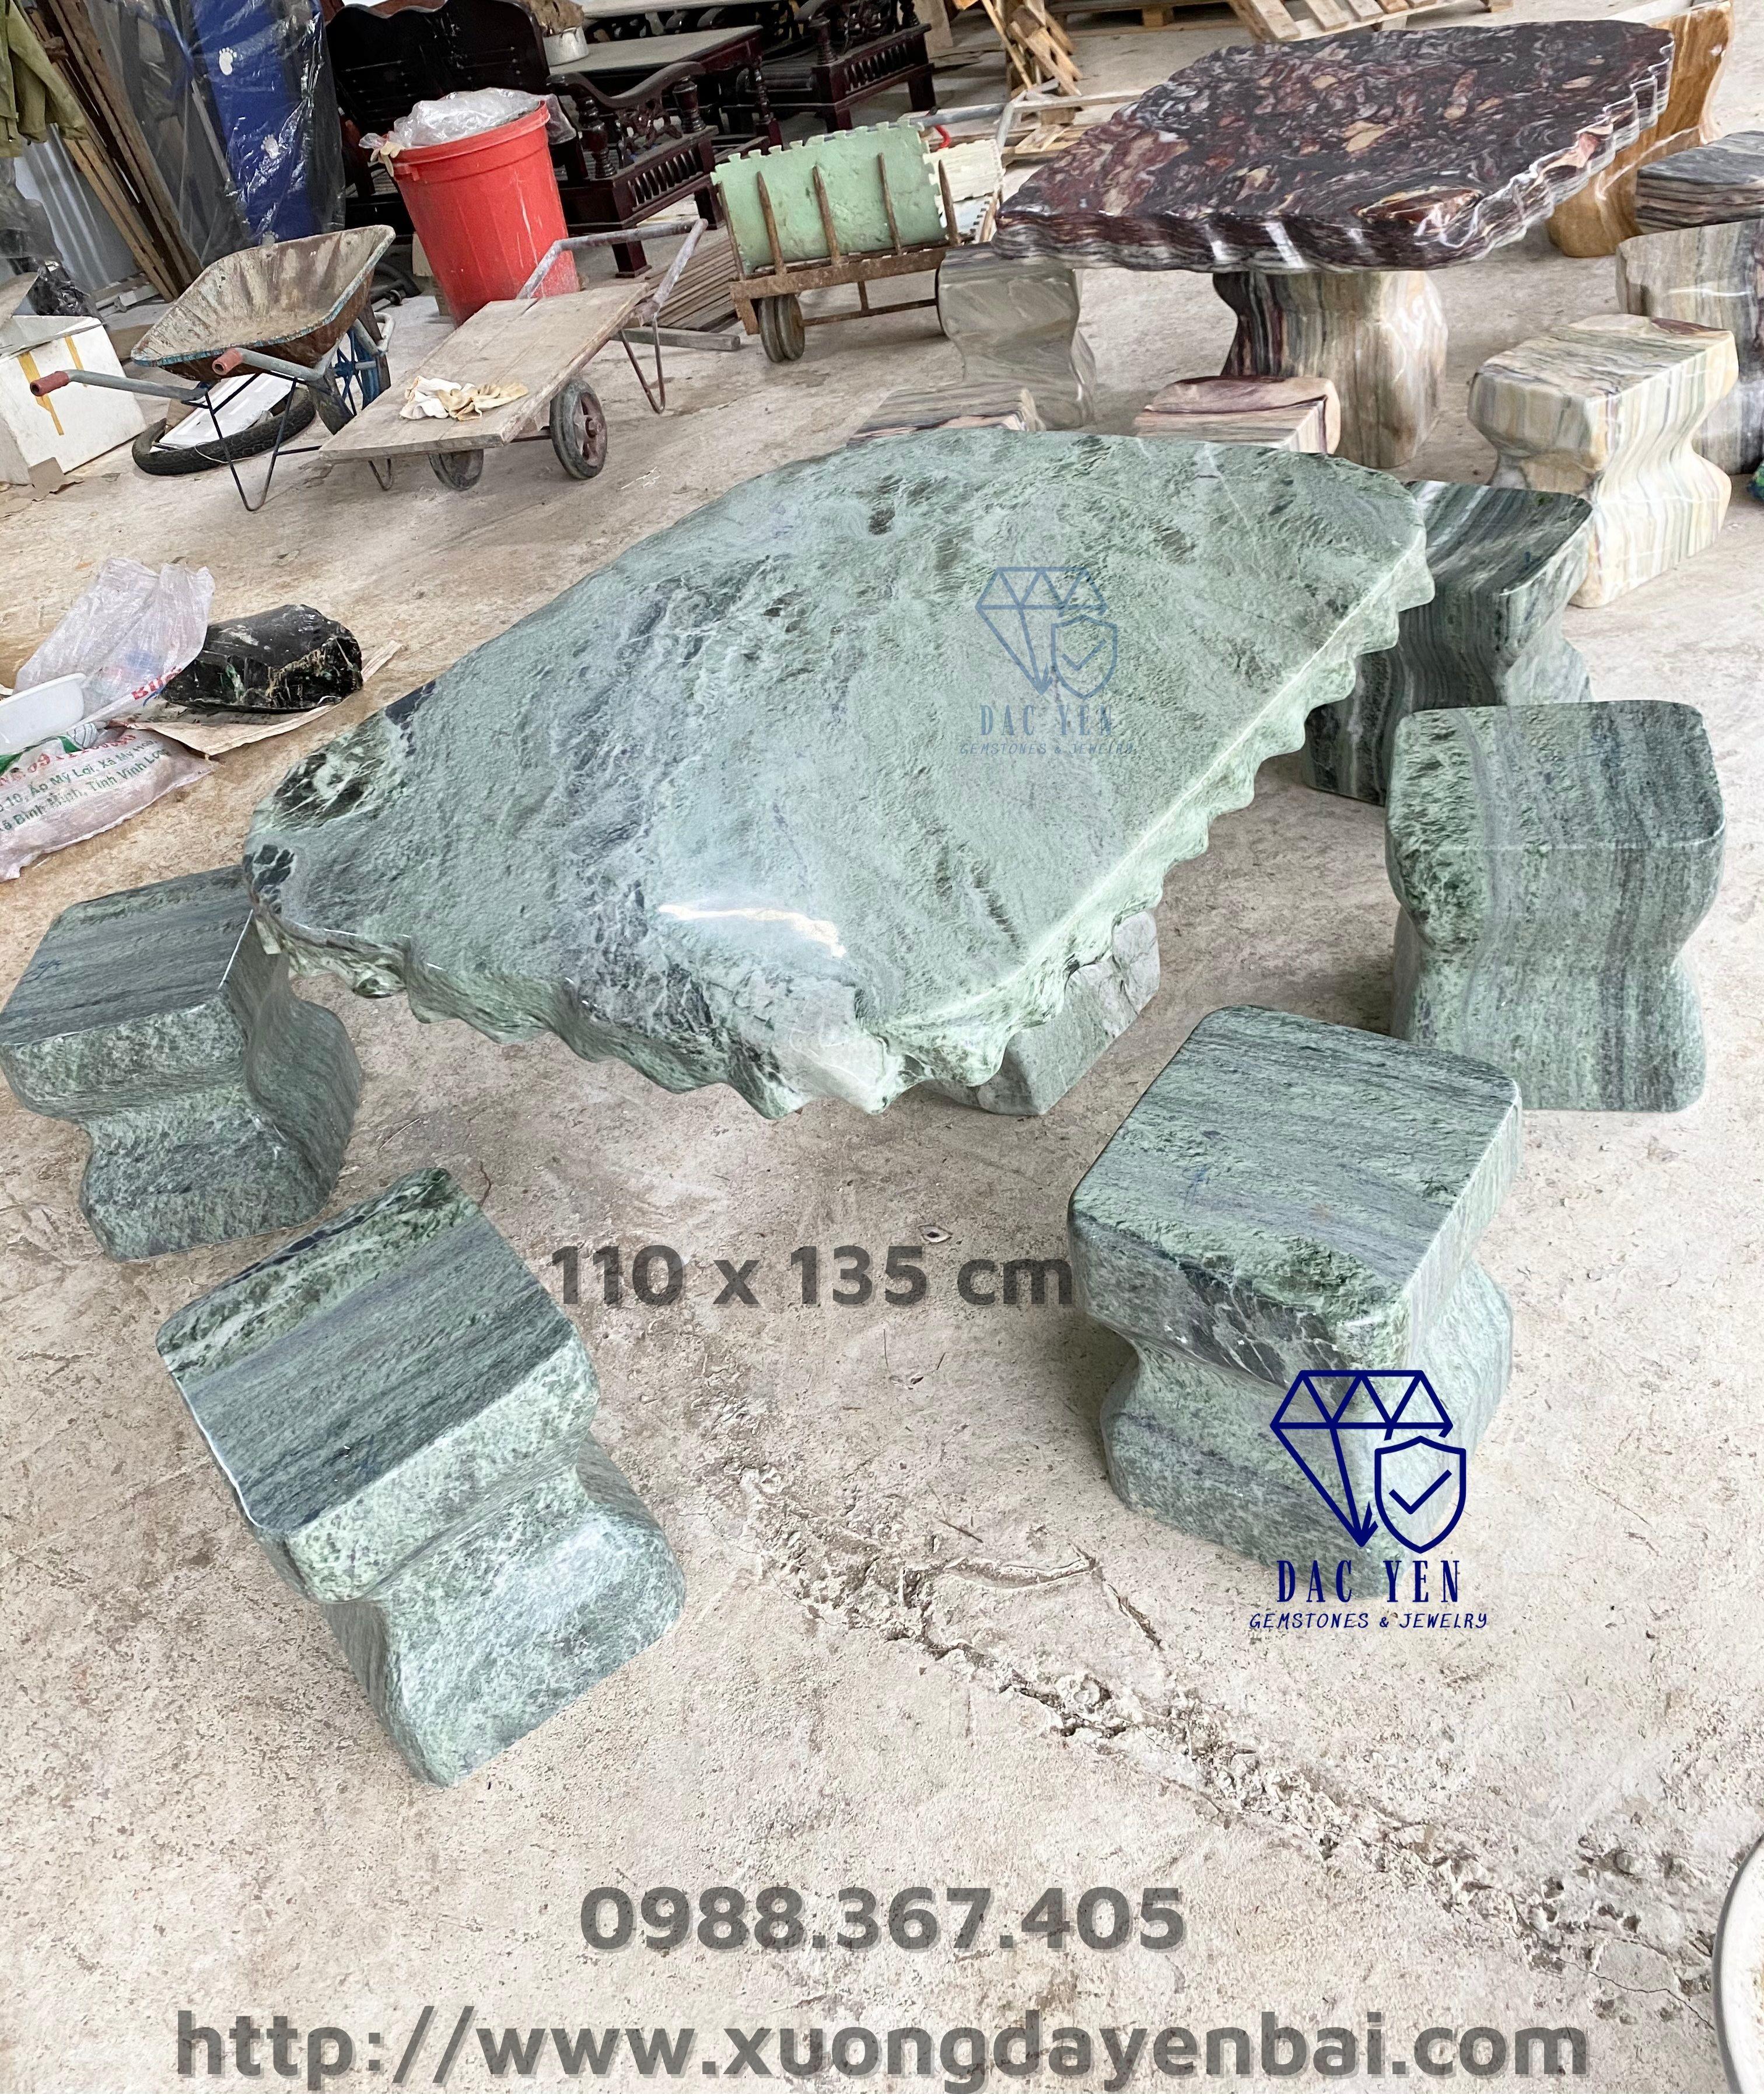 Bàn ghế đá xanh tự nhiên, bàn ghế đá sân vườn, bàn ghế đá Yên Bái đẹp